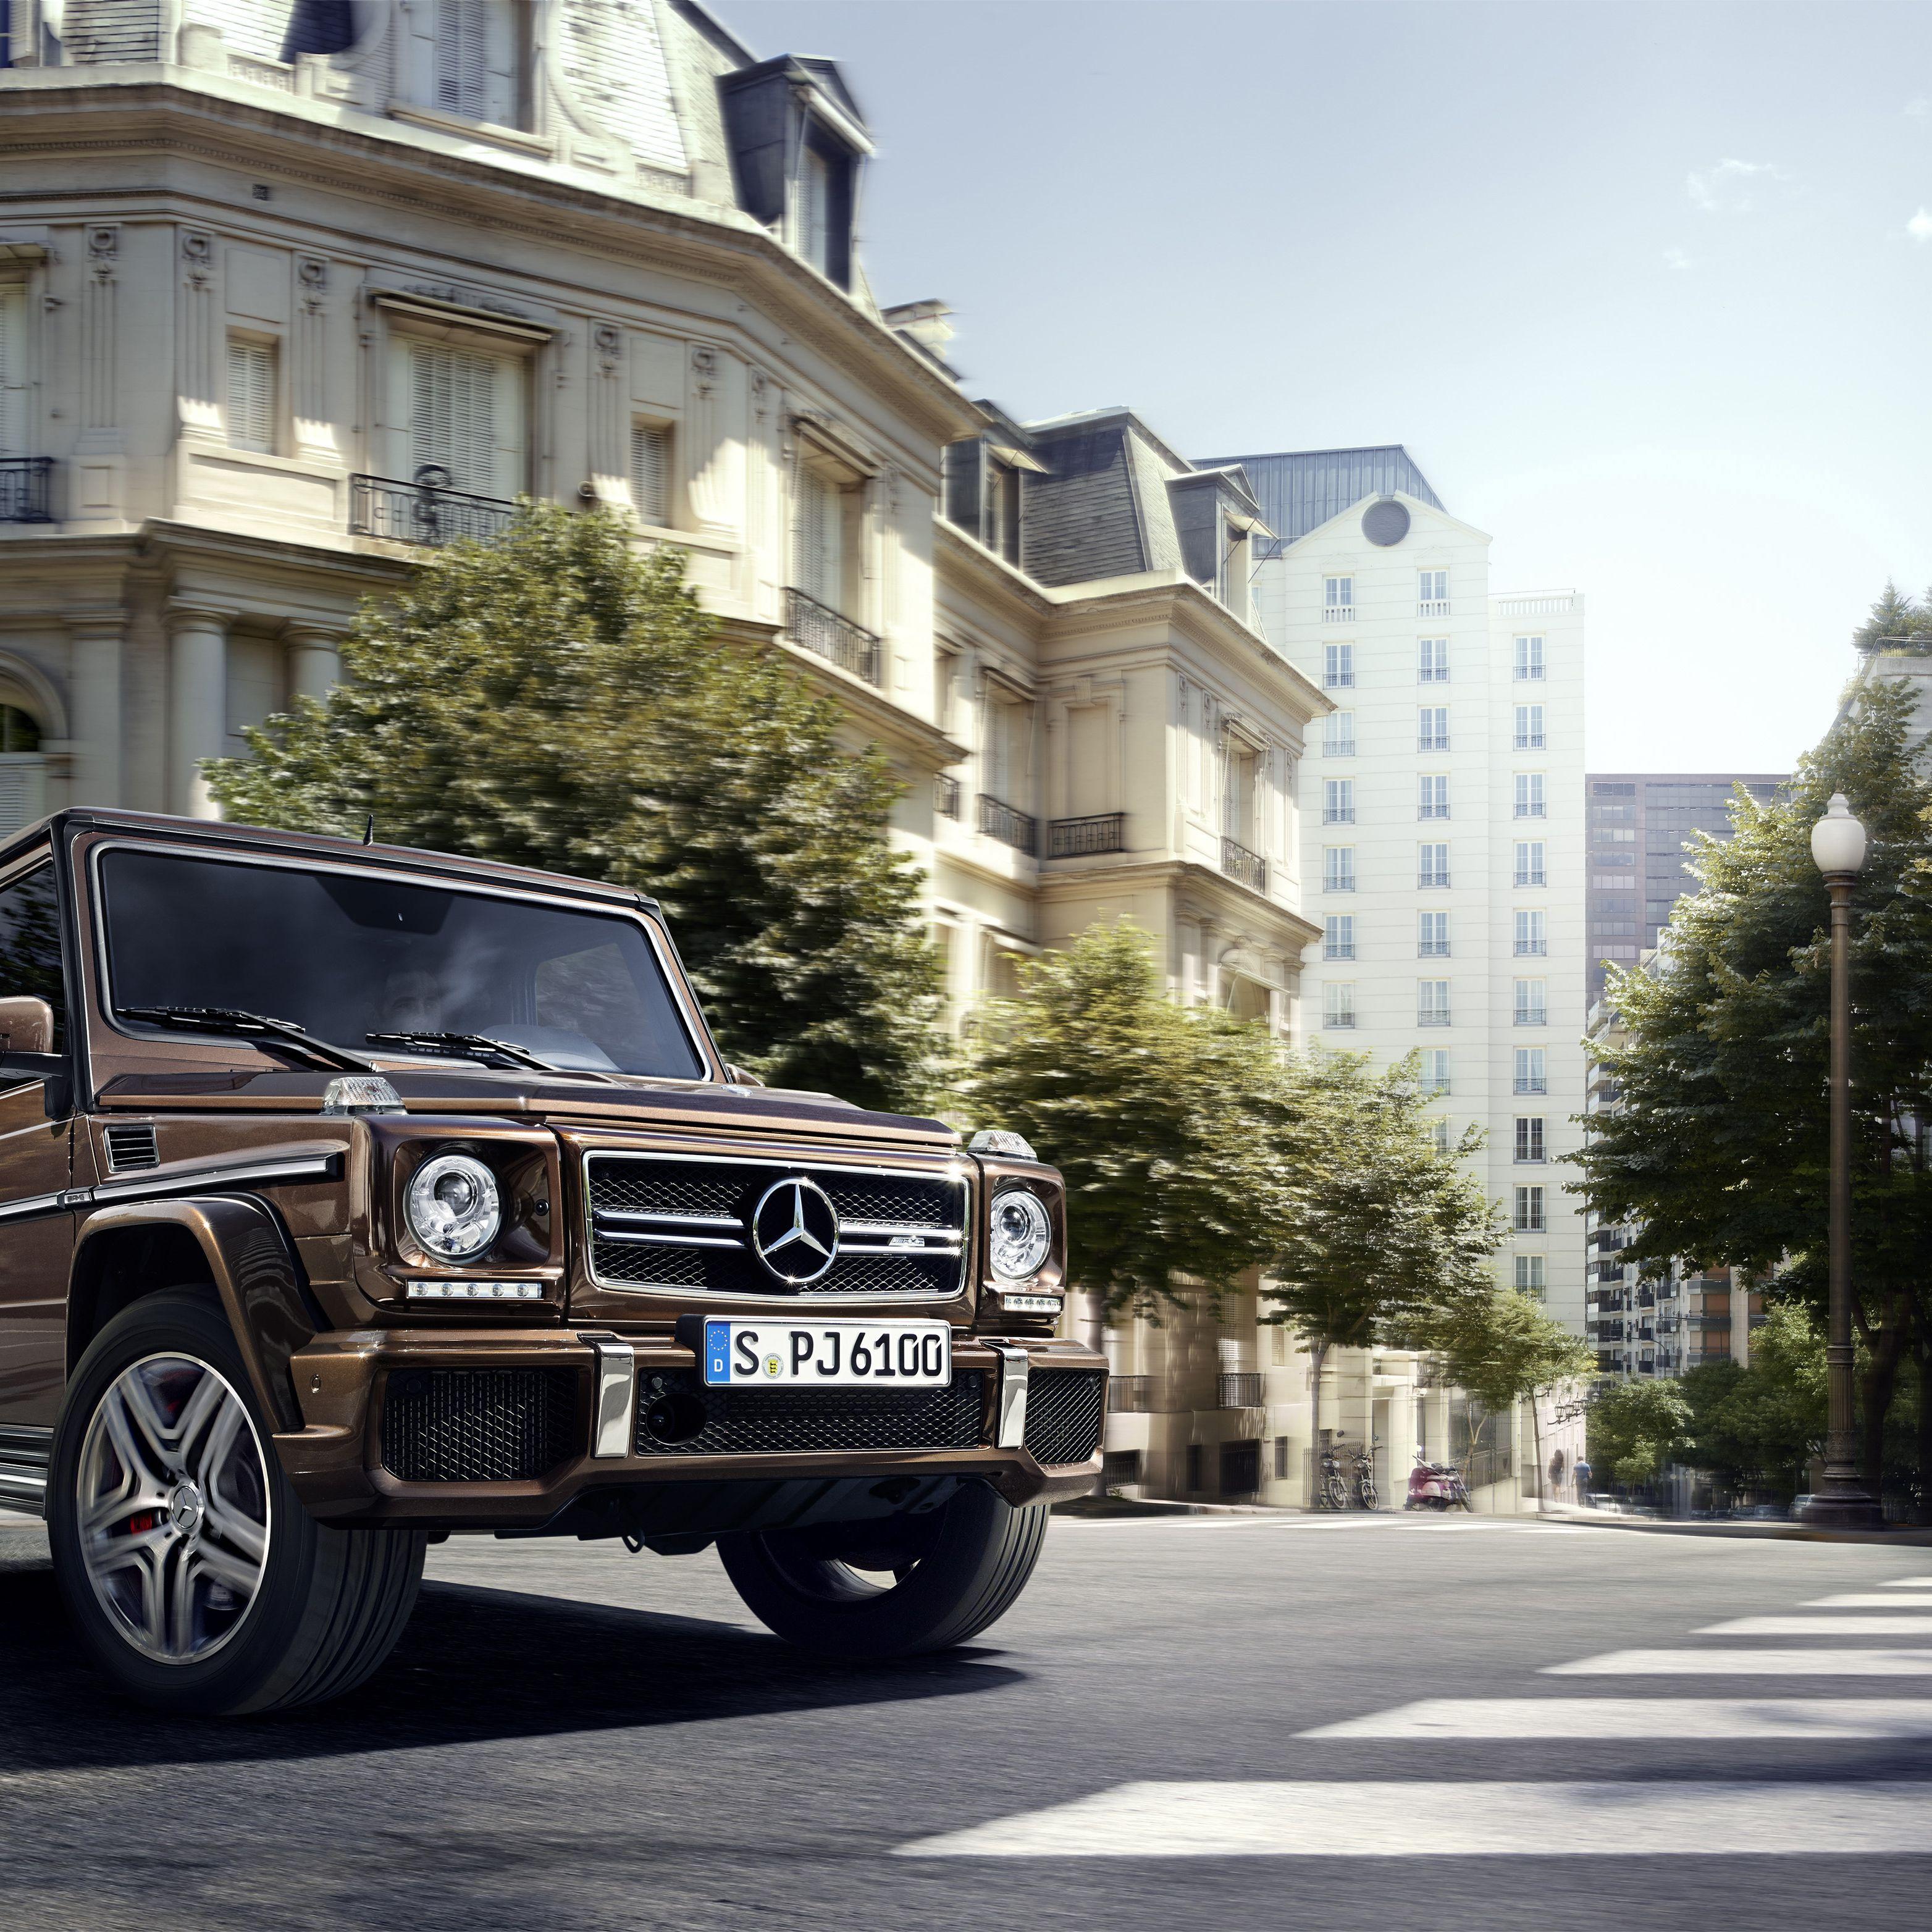 Mercedes-Benz G-Class (BR 463) 2015&#x3B; AMG G 63&#x3B; &#xA&#x3B;Exterierur: designo mysticbraun bright&#x3B; &#xA&#x3B;exterior: design mystic brown bright&#xA&#x3B;